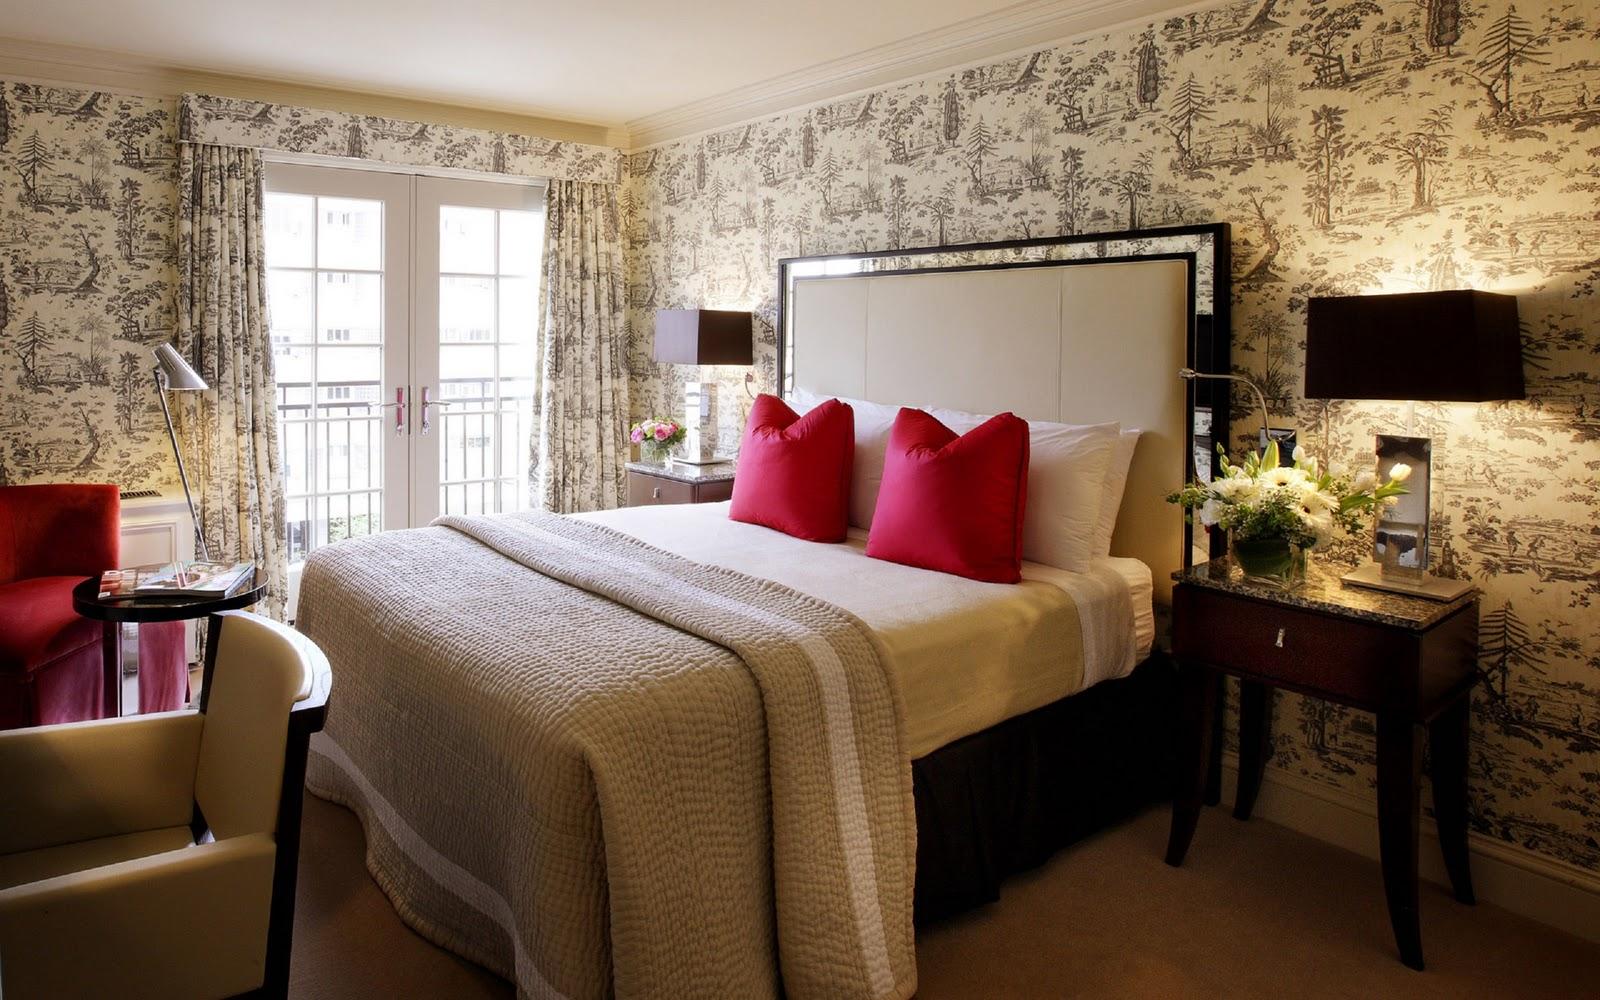 home design bedrooms kitchen bathrooms. Black Bedroom Furniture Sets. Home Design Ideas